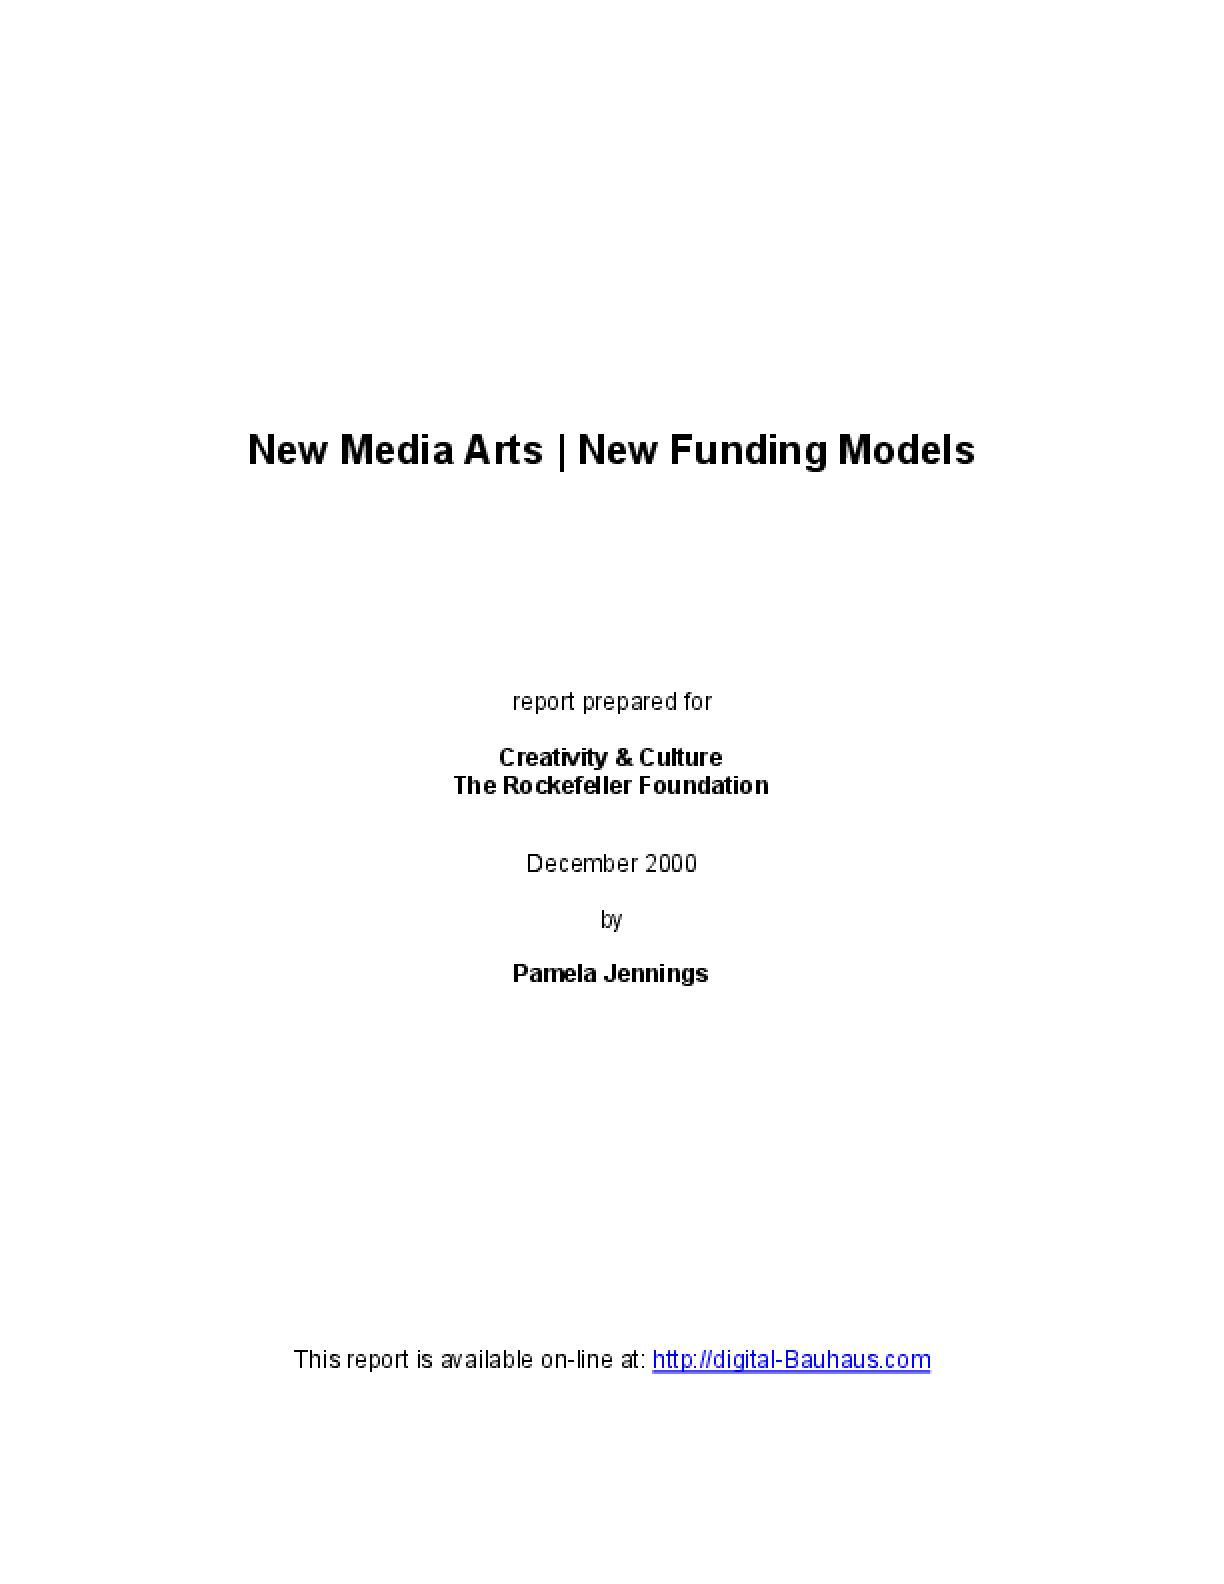 New Media Art/ New Funding Models